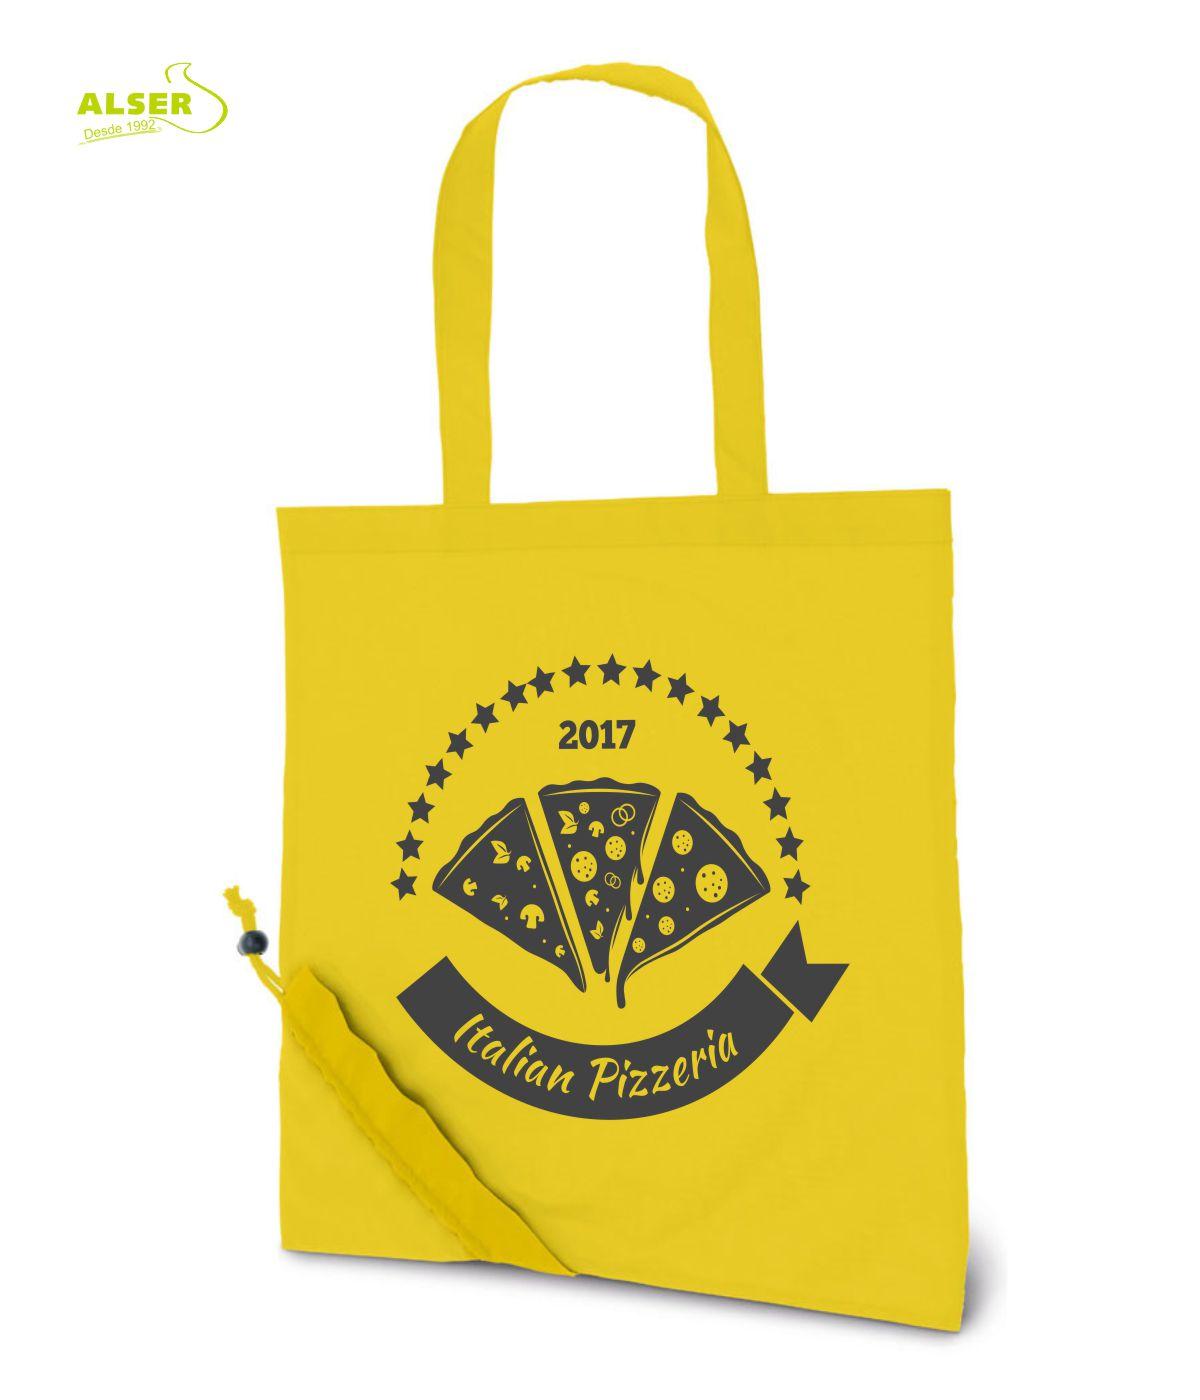 Bolsa Peglable Publicitaria para la compra. Amarilla